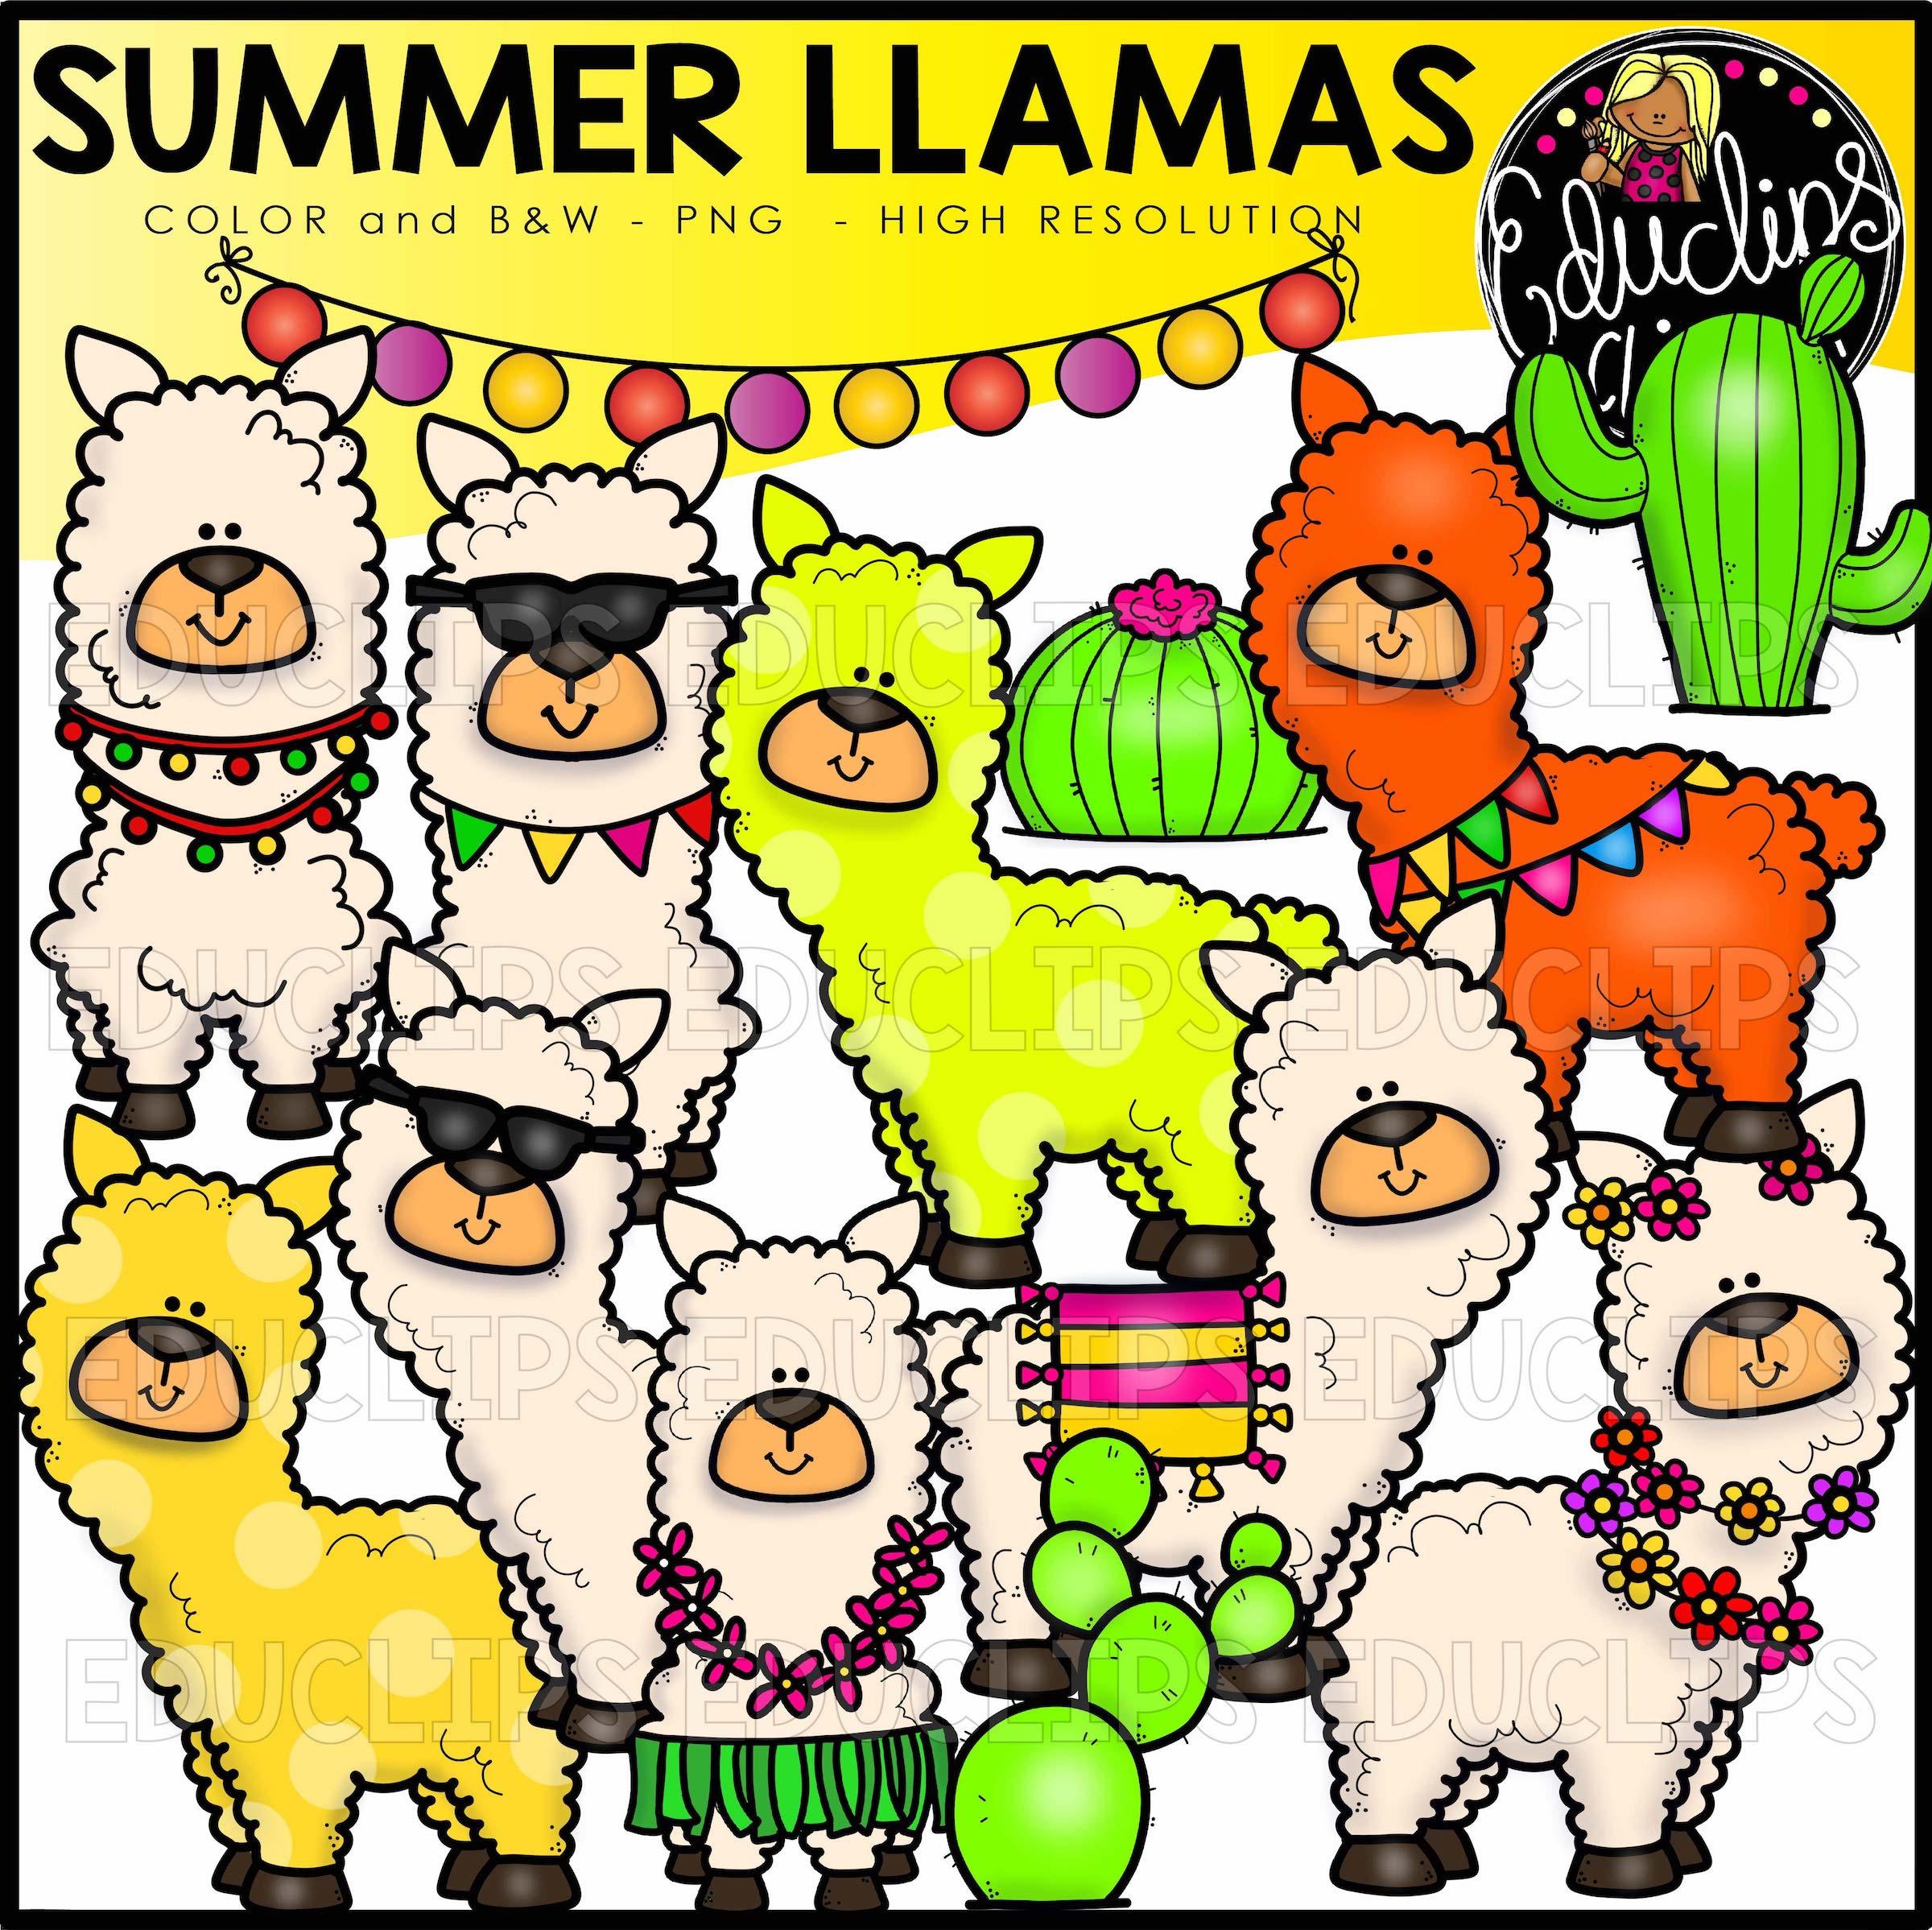 Seasonal Llamas Clip Art Big Bundle - Edu Clips